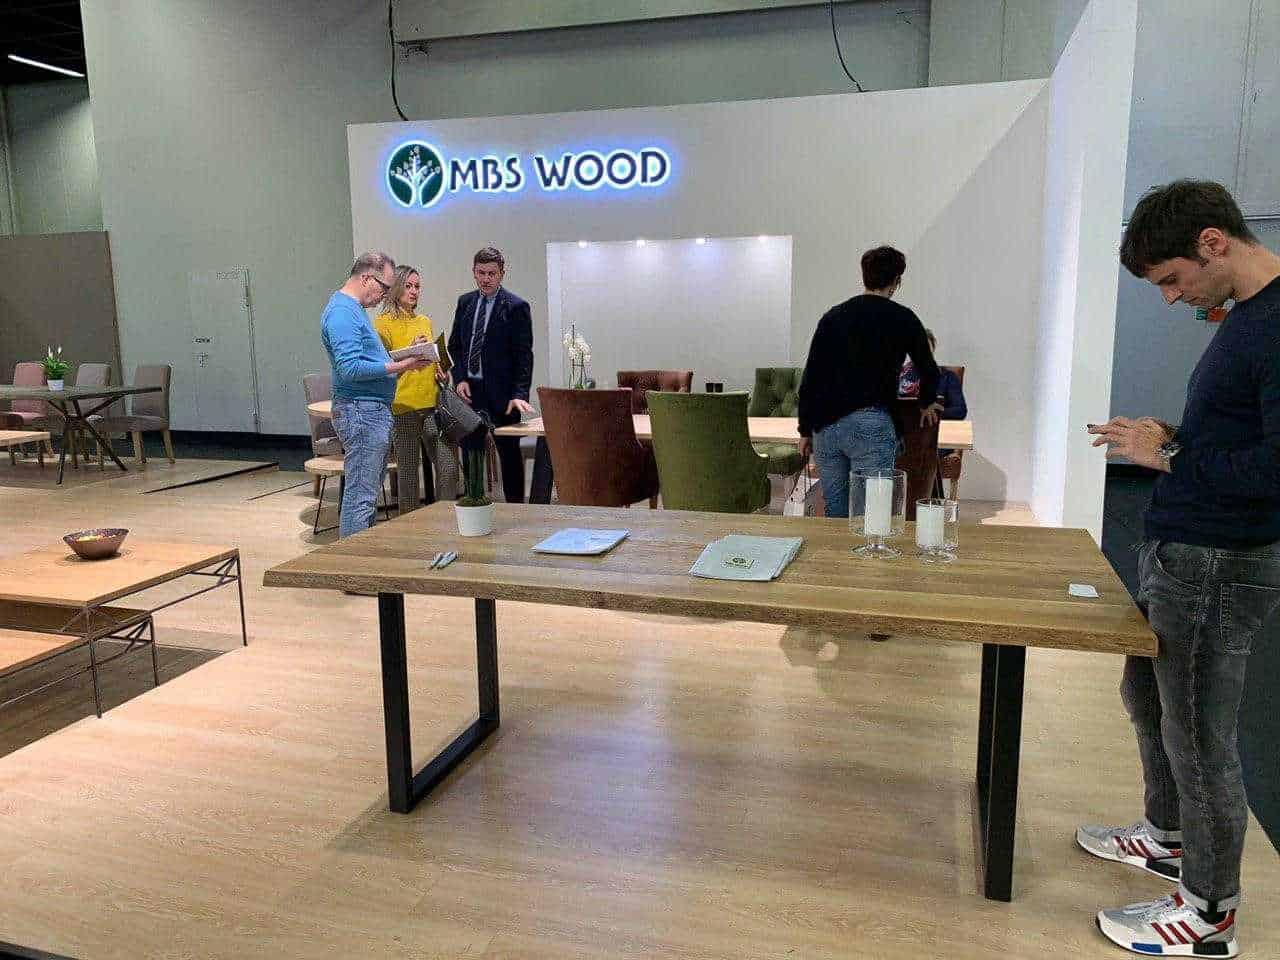 Møbler udstilling træborde